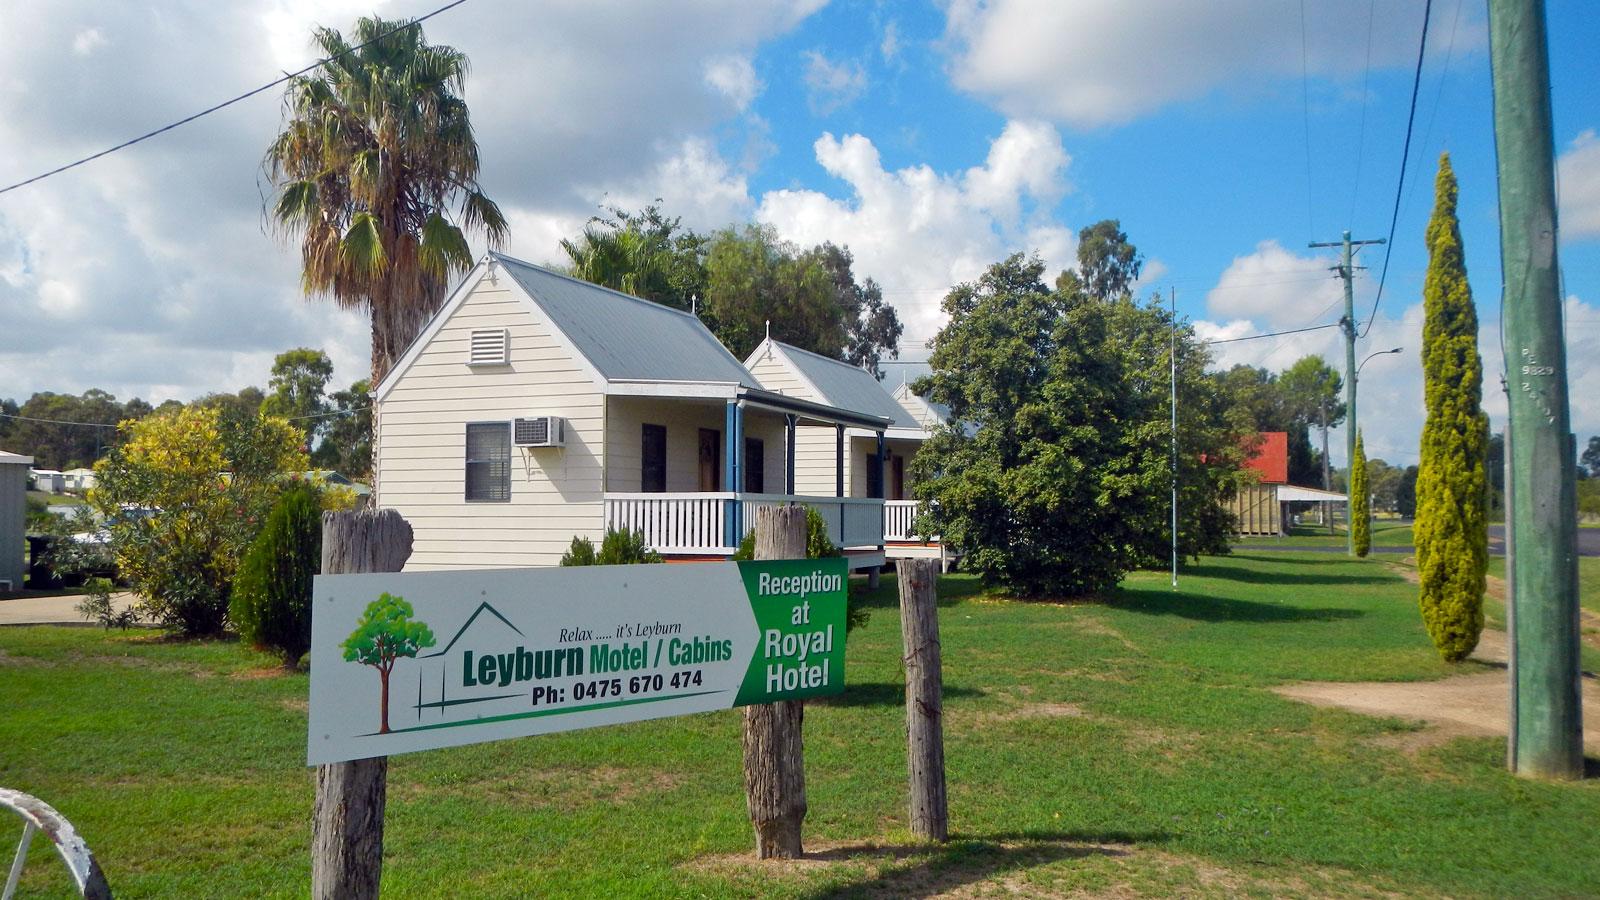 Leyburn Motel-Cabins